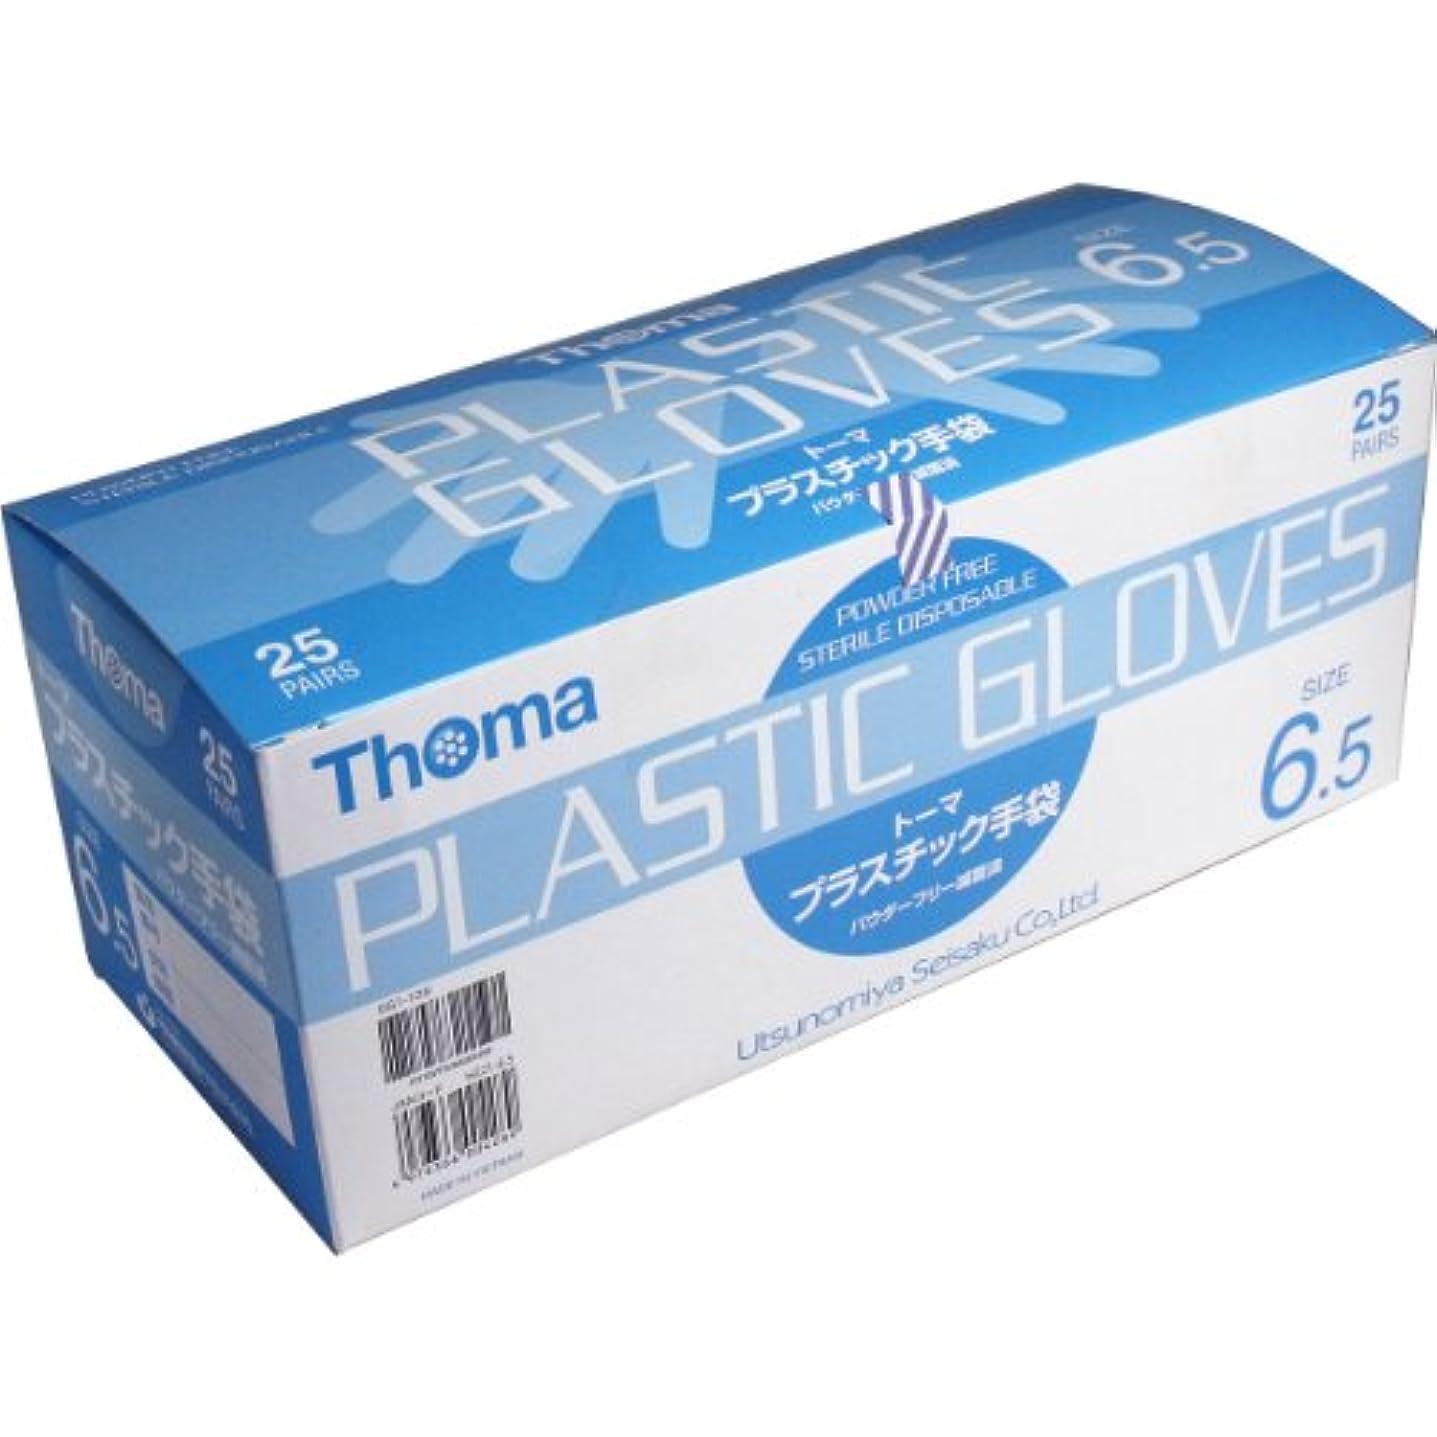 エーカー安定しましたフラスコトーマ プラスチック手袋 パウダーフリー 滅菌済 サイズ6.5 25双入